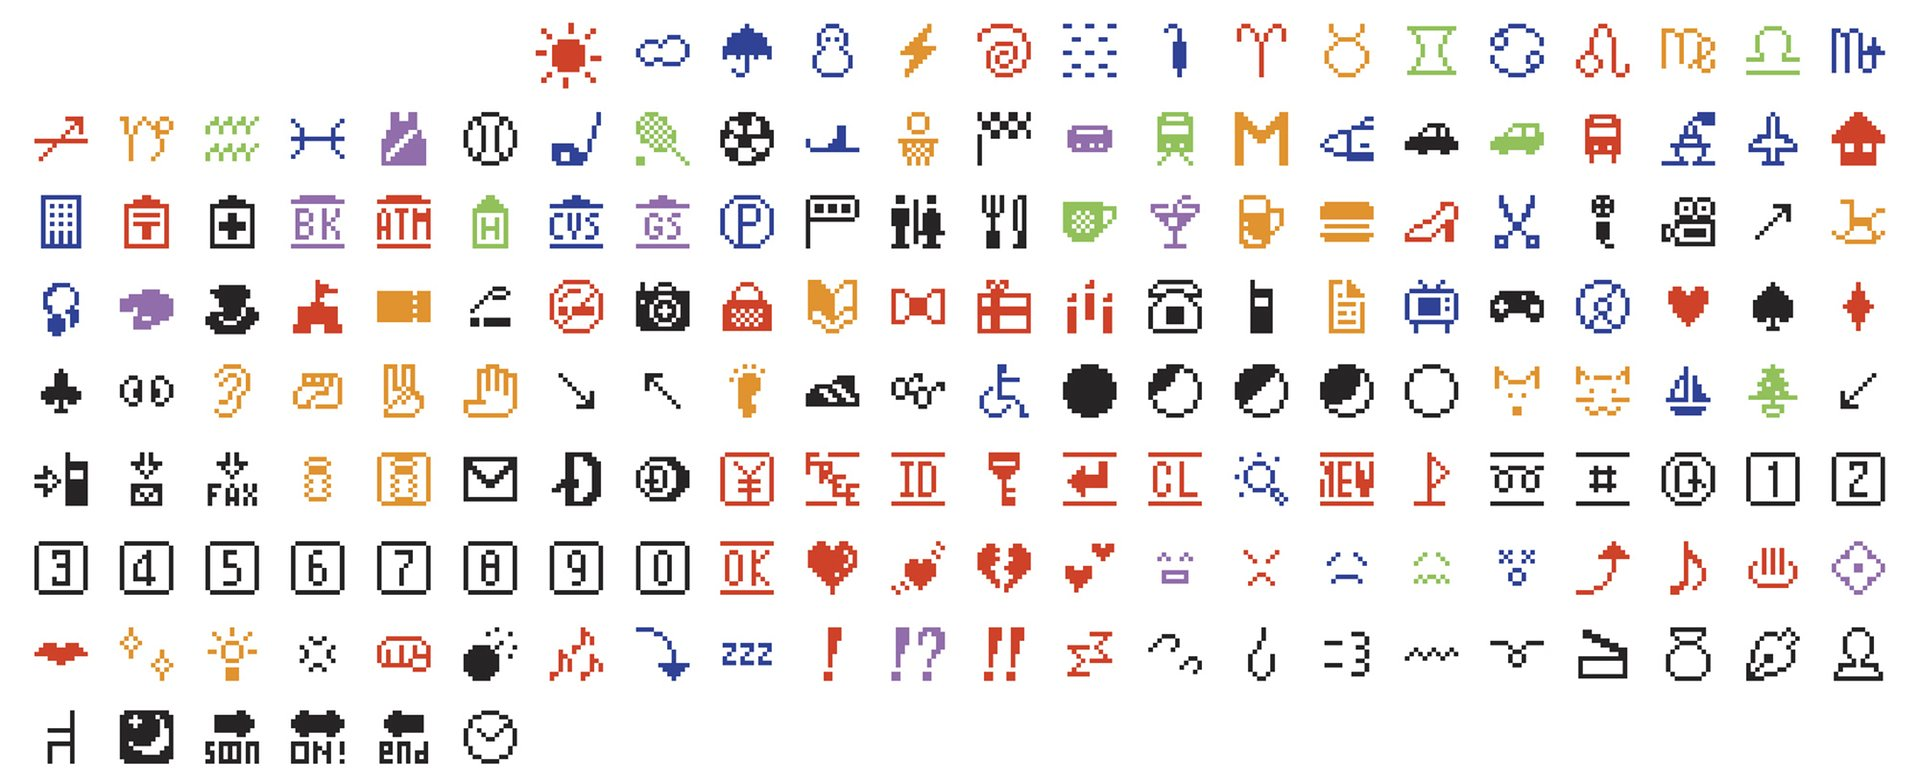 MoMA Emojis